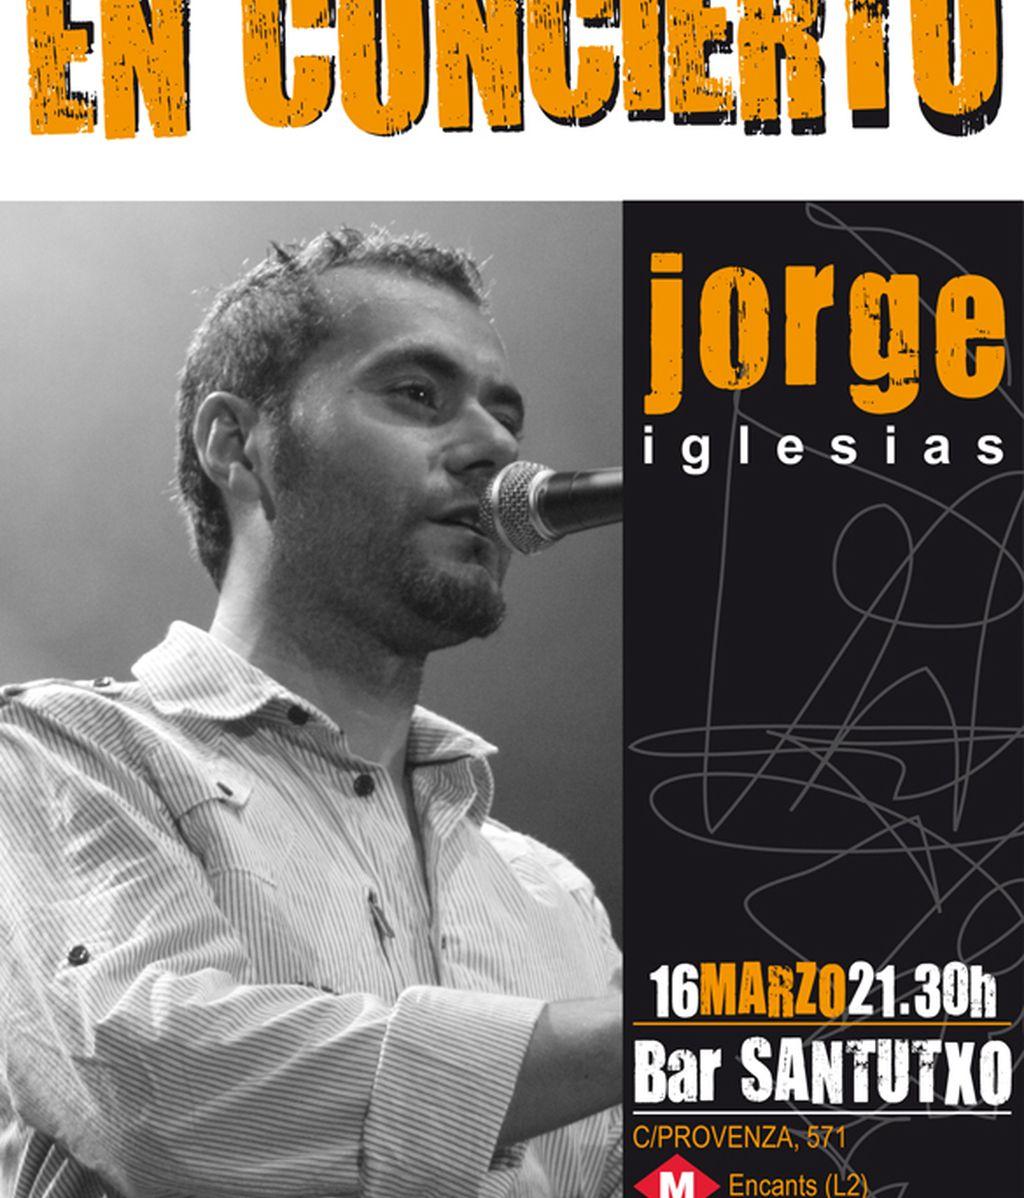 Jorge Iglesias en concierto